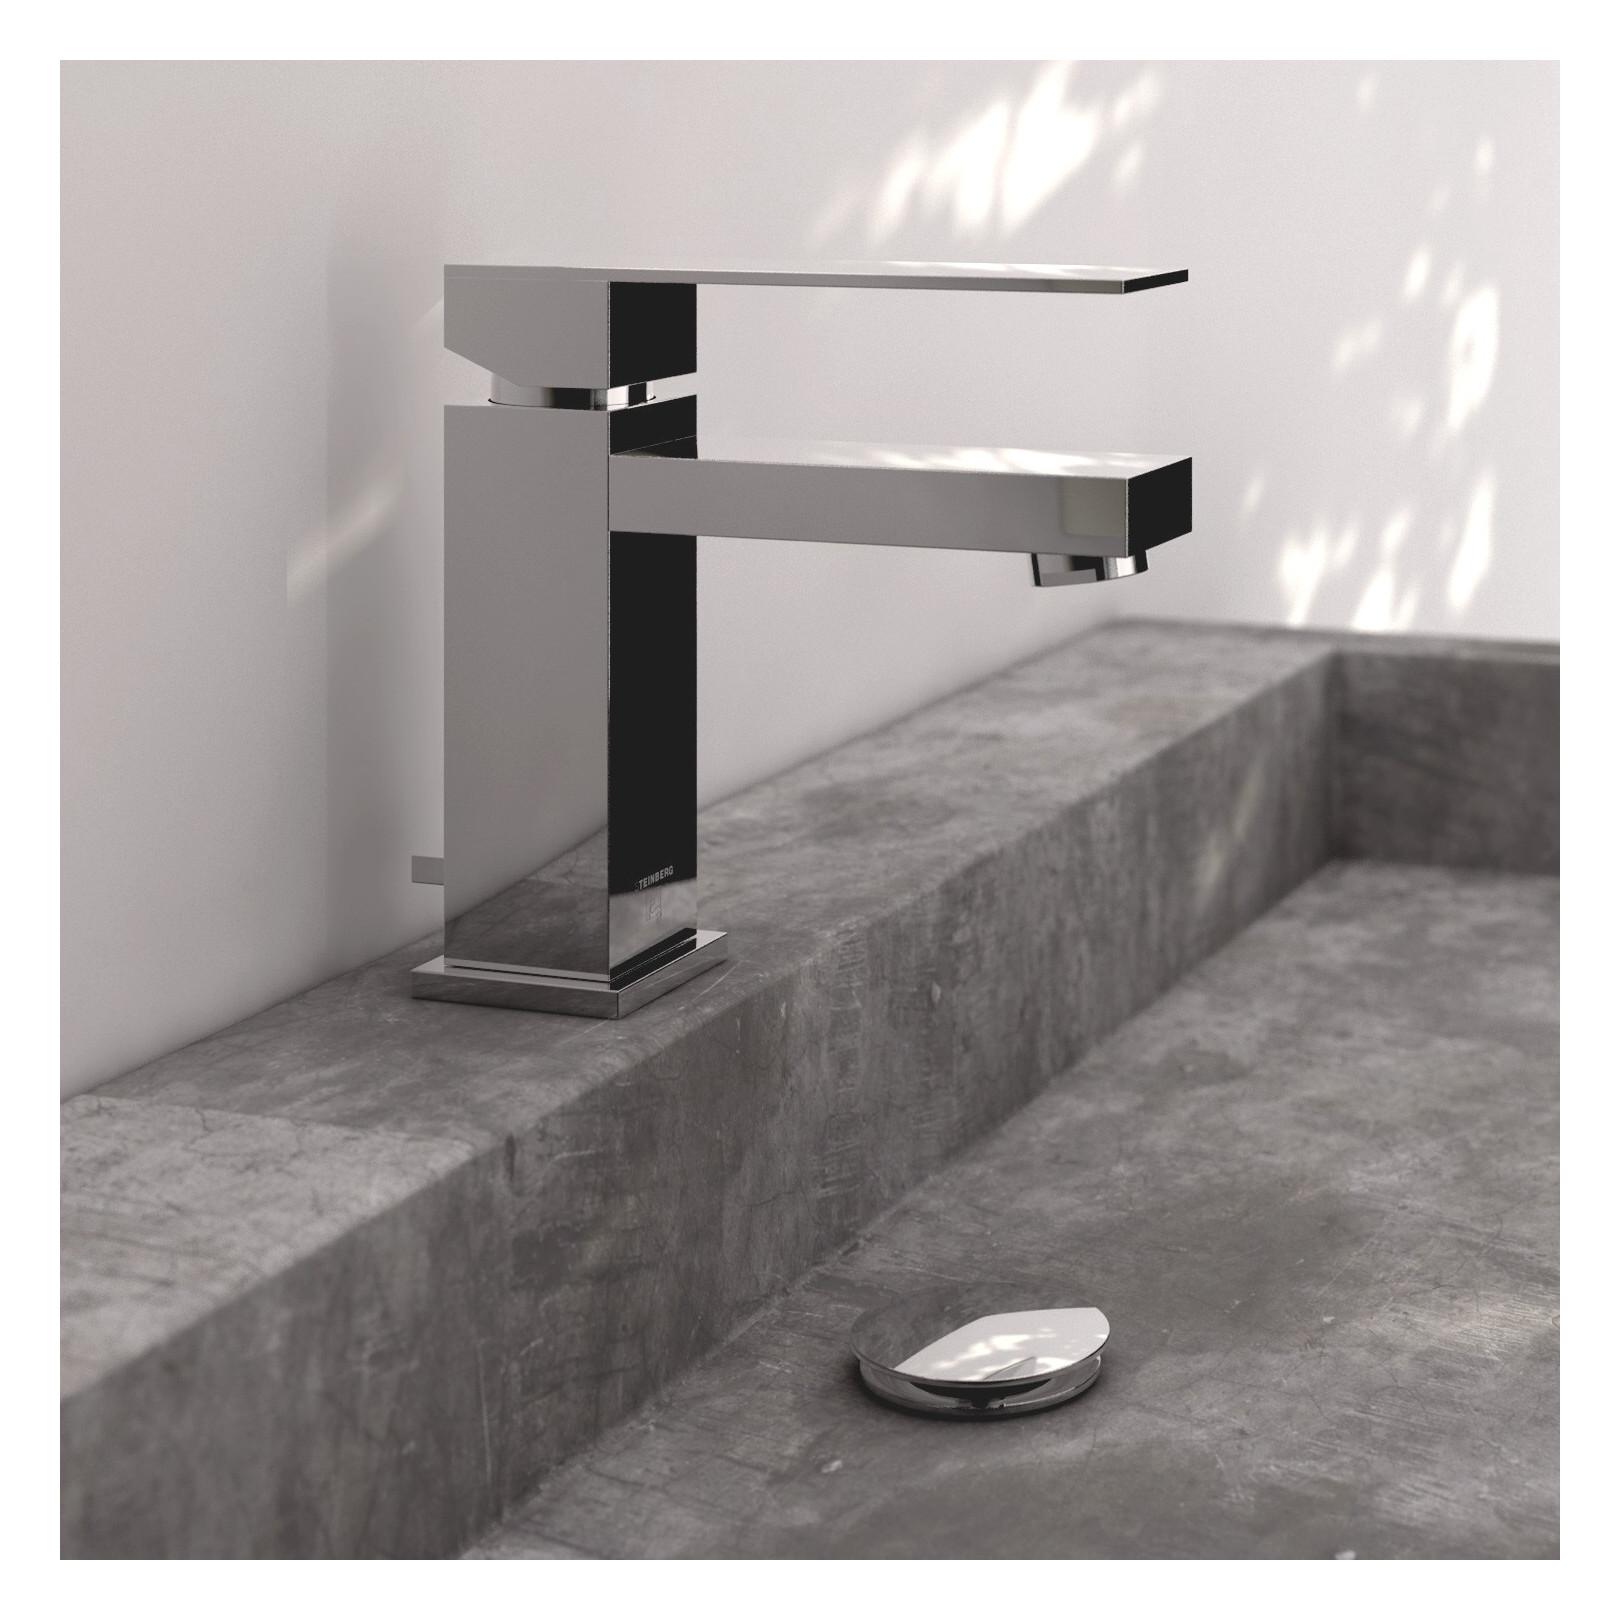 robinet mitigeur 1601000 10 monotrou poser s rie160 casalux home design. Black Bedroom Furniture Sets. Home Design Ideas